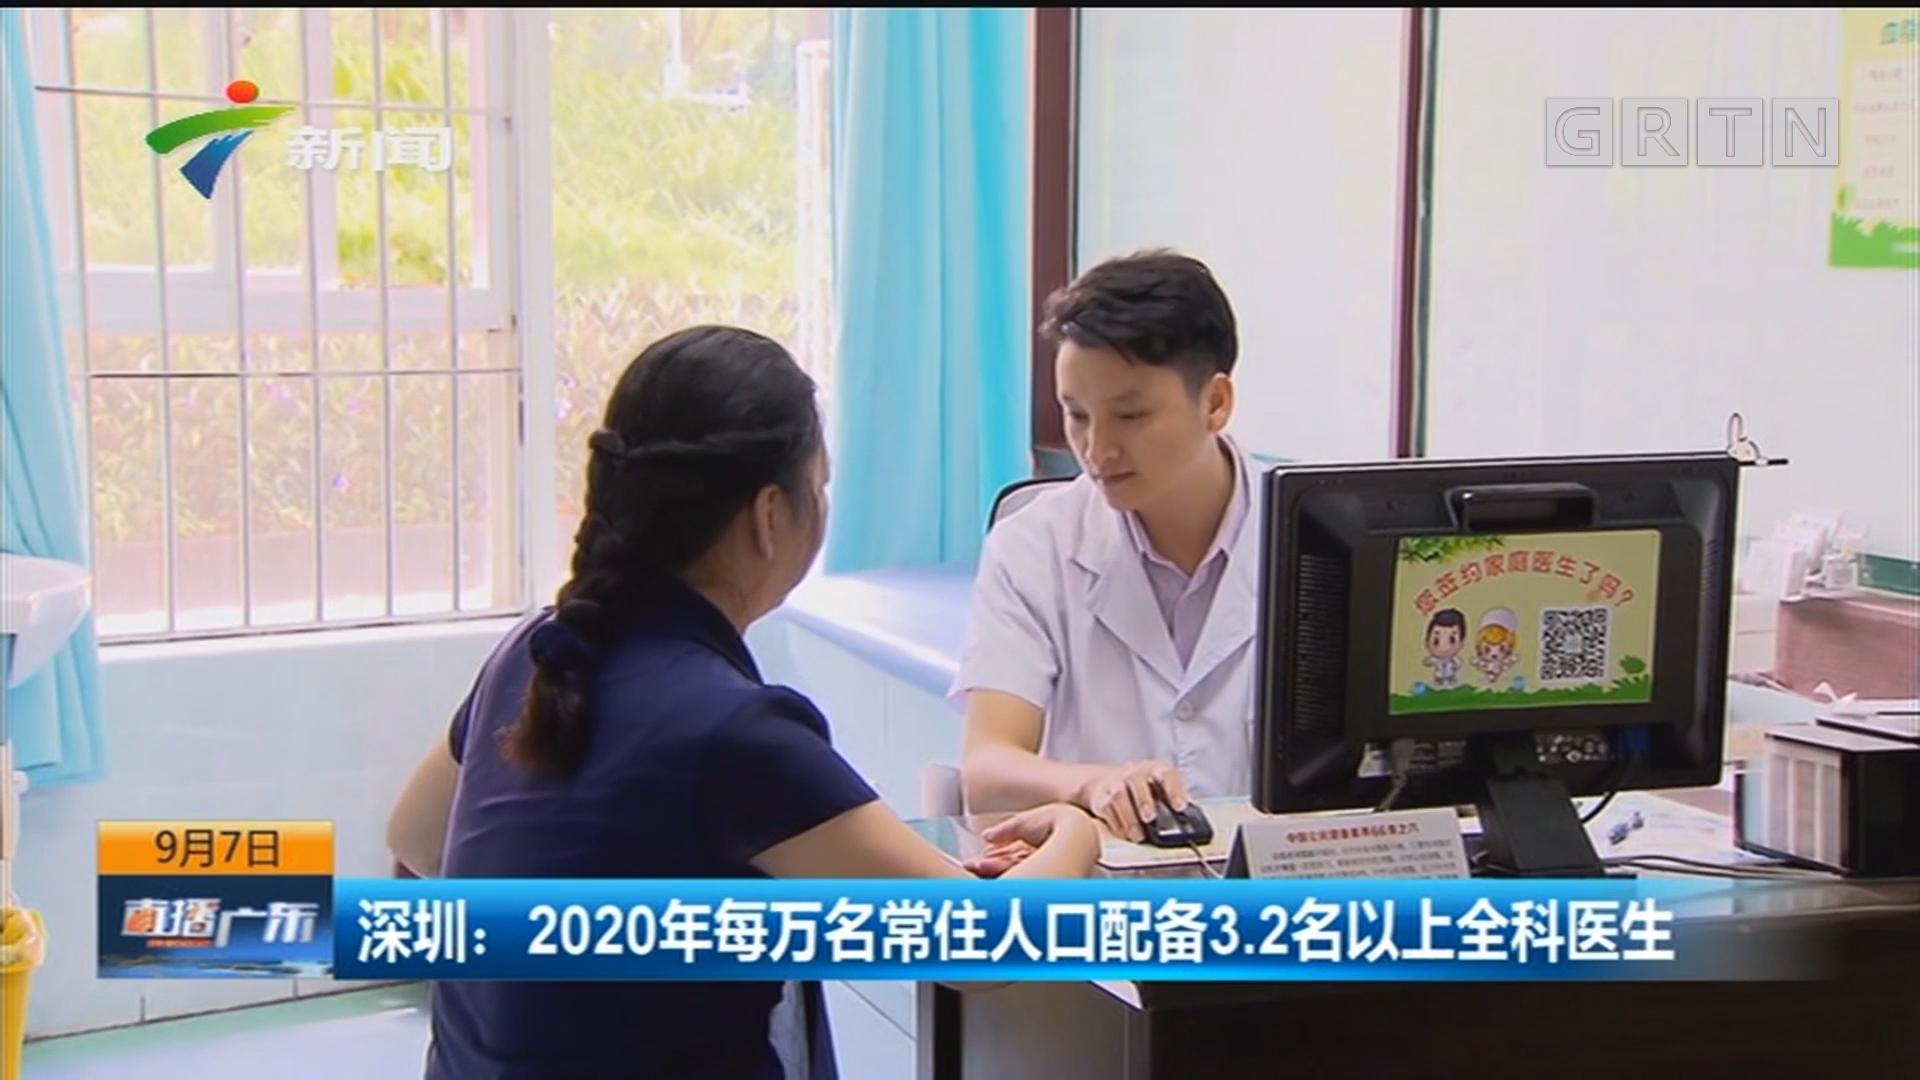 深圳:2020年每万名常住人口配备3.2名以上全科医生